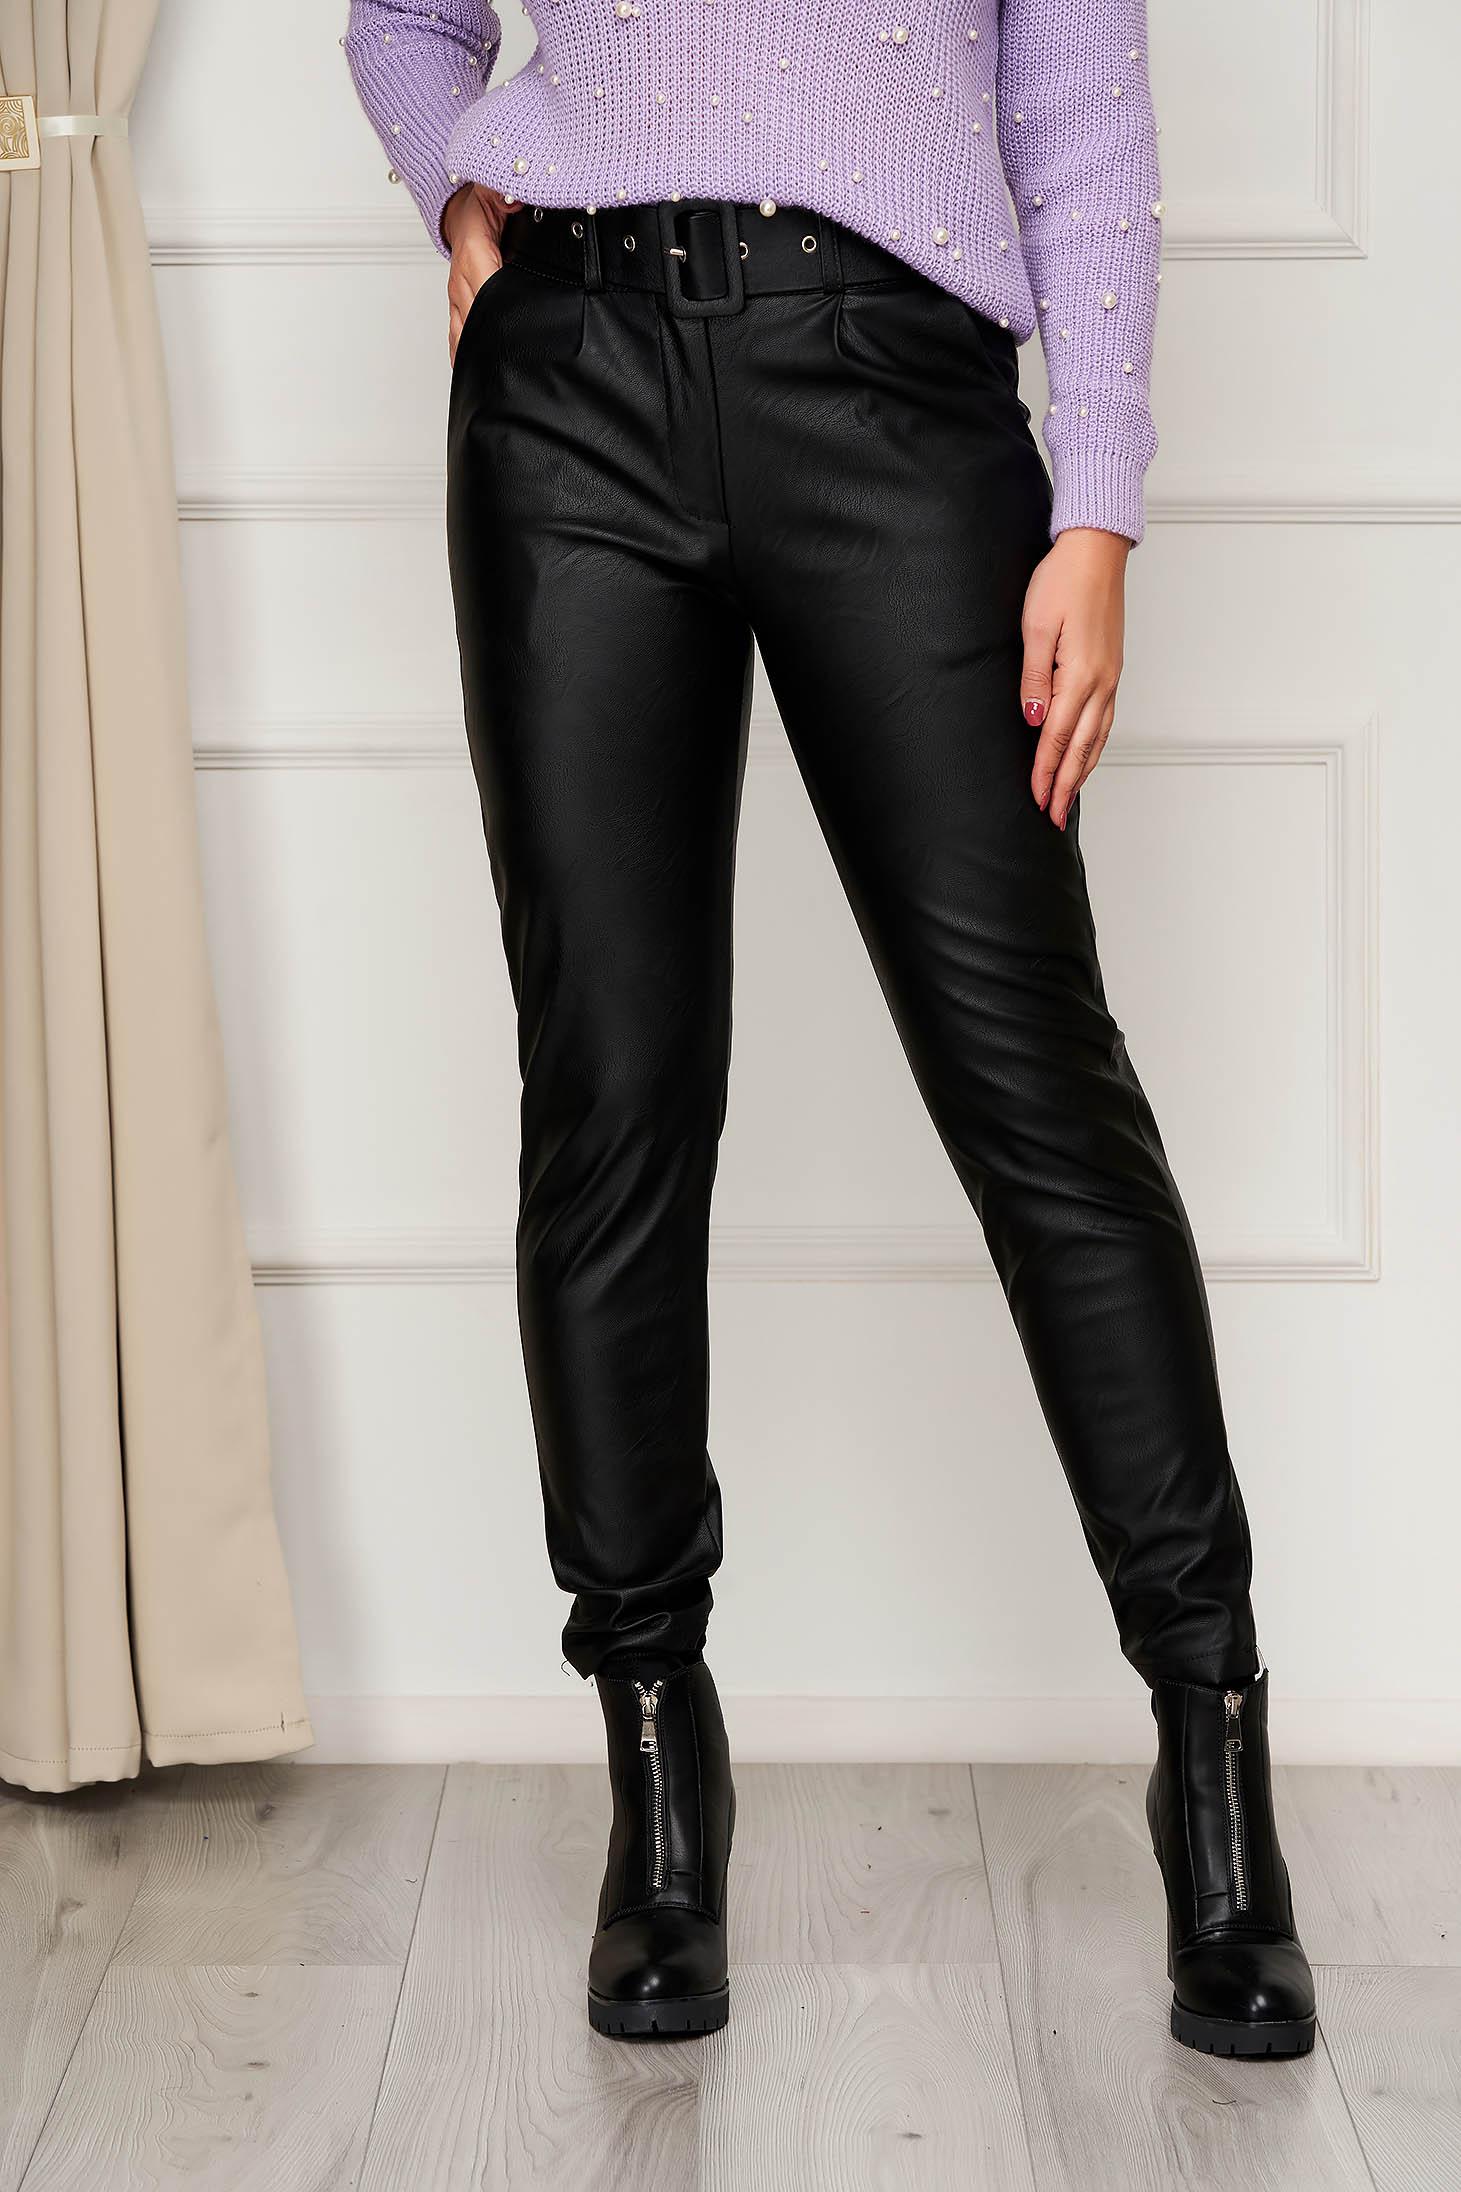 Pantaloni SunShine din piele ecologica negri casual conici cu buzunare cu talie inalta